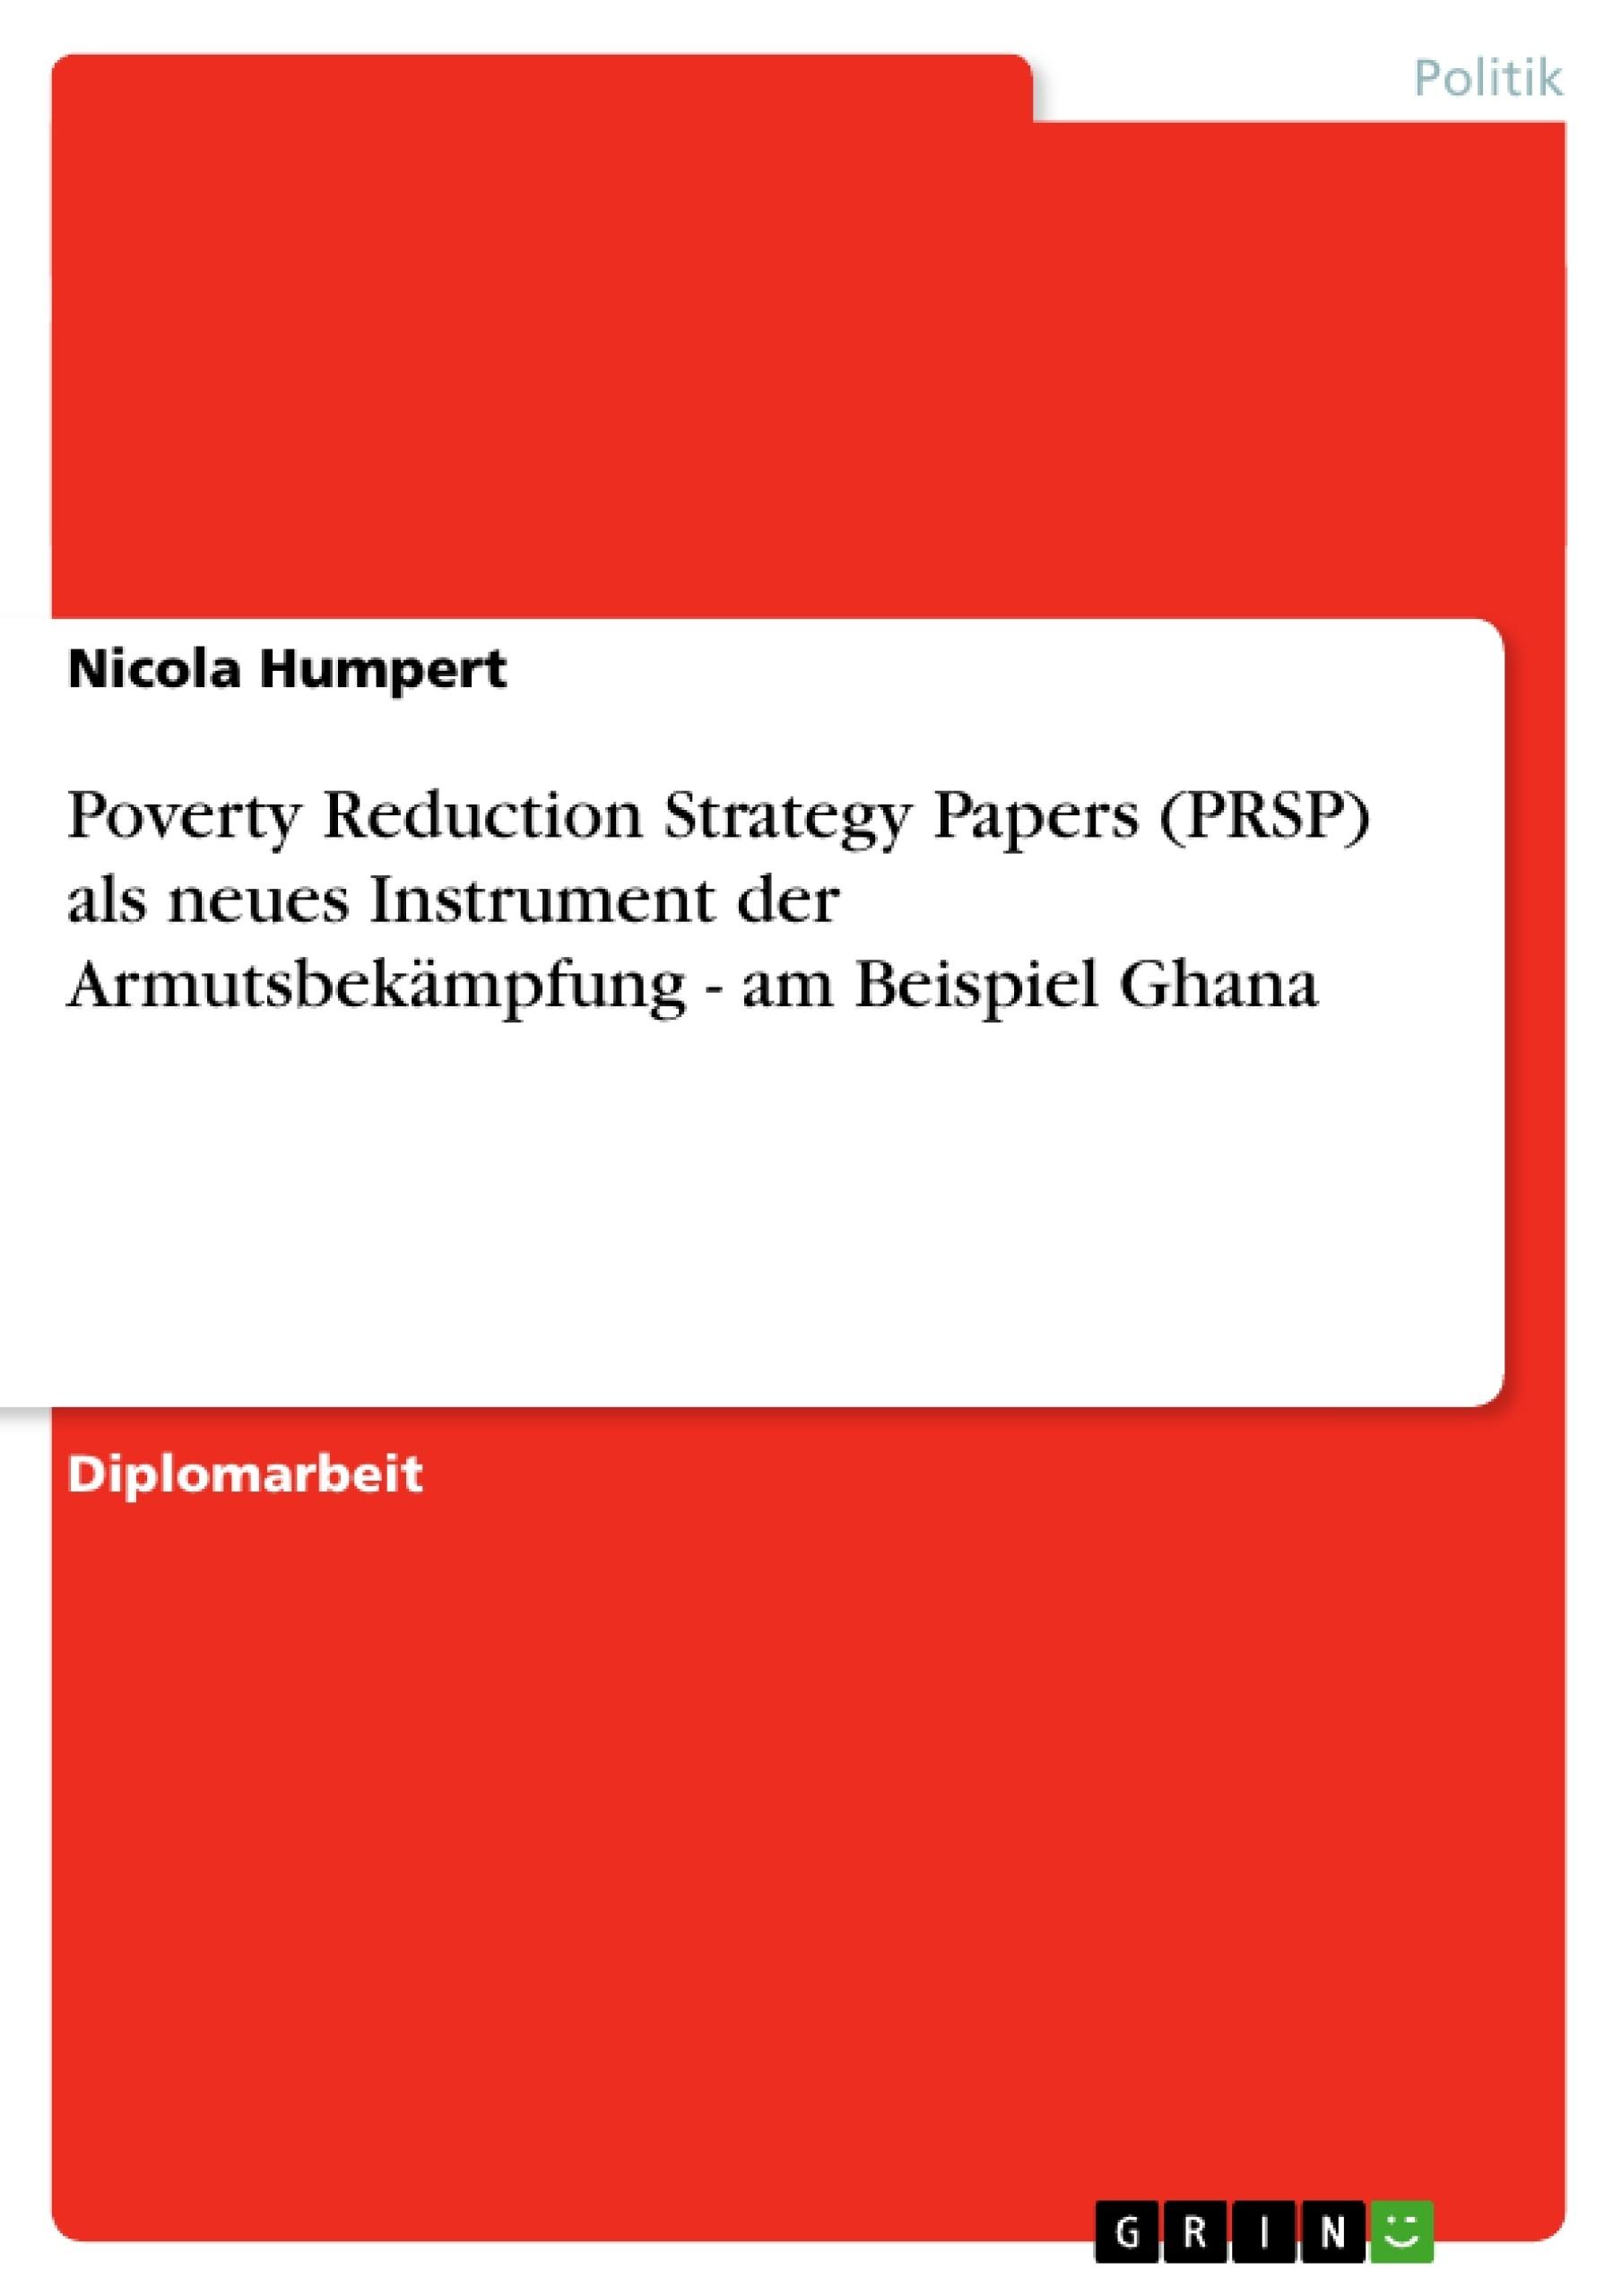 Titel: Poverty Reduction Strategy Papers (PRSP) als neues Instrument der Armutsbekämpfung - am Beispiel Ghana